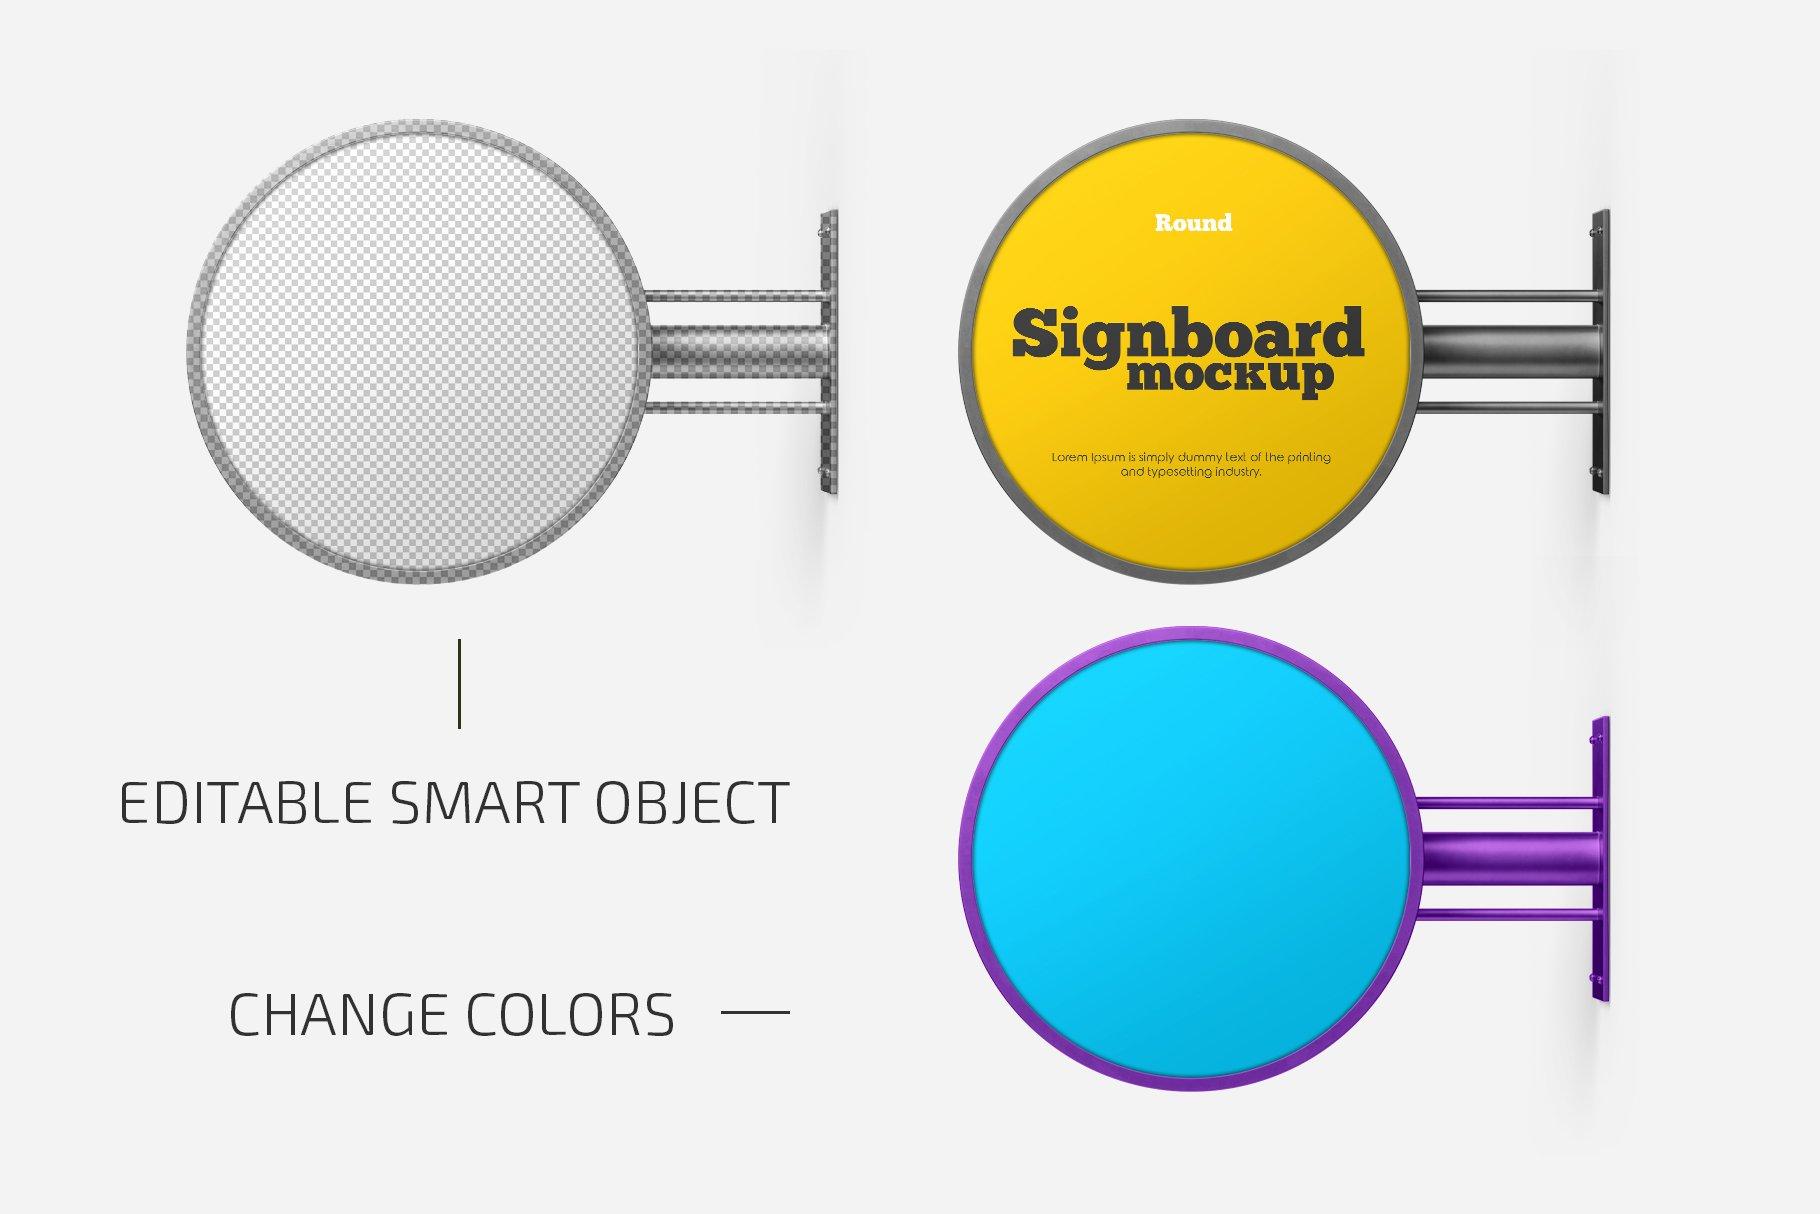 圆形门牌店招标牌设计展示样机合集 Round Signboard Mockup Set插图(1)